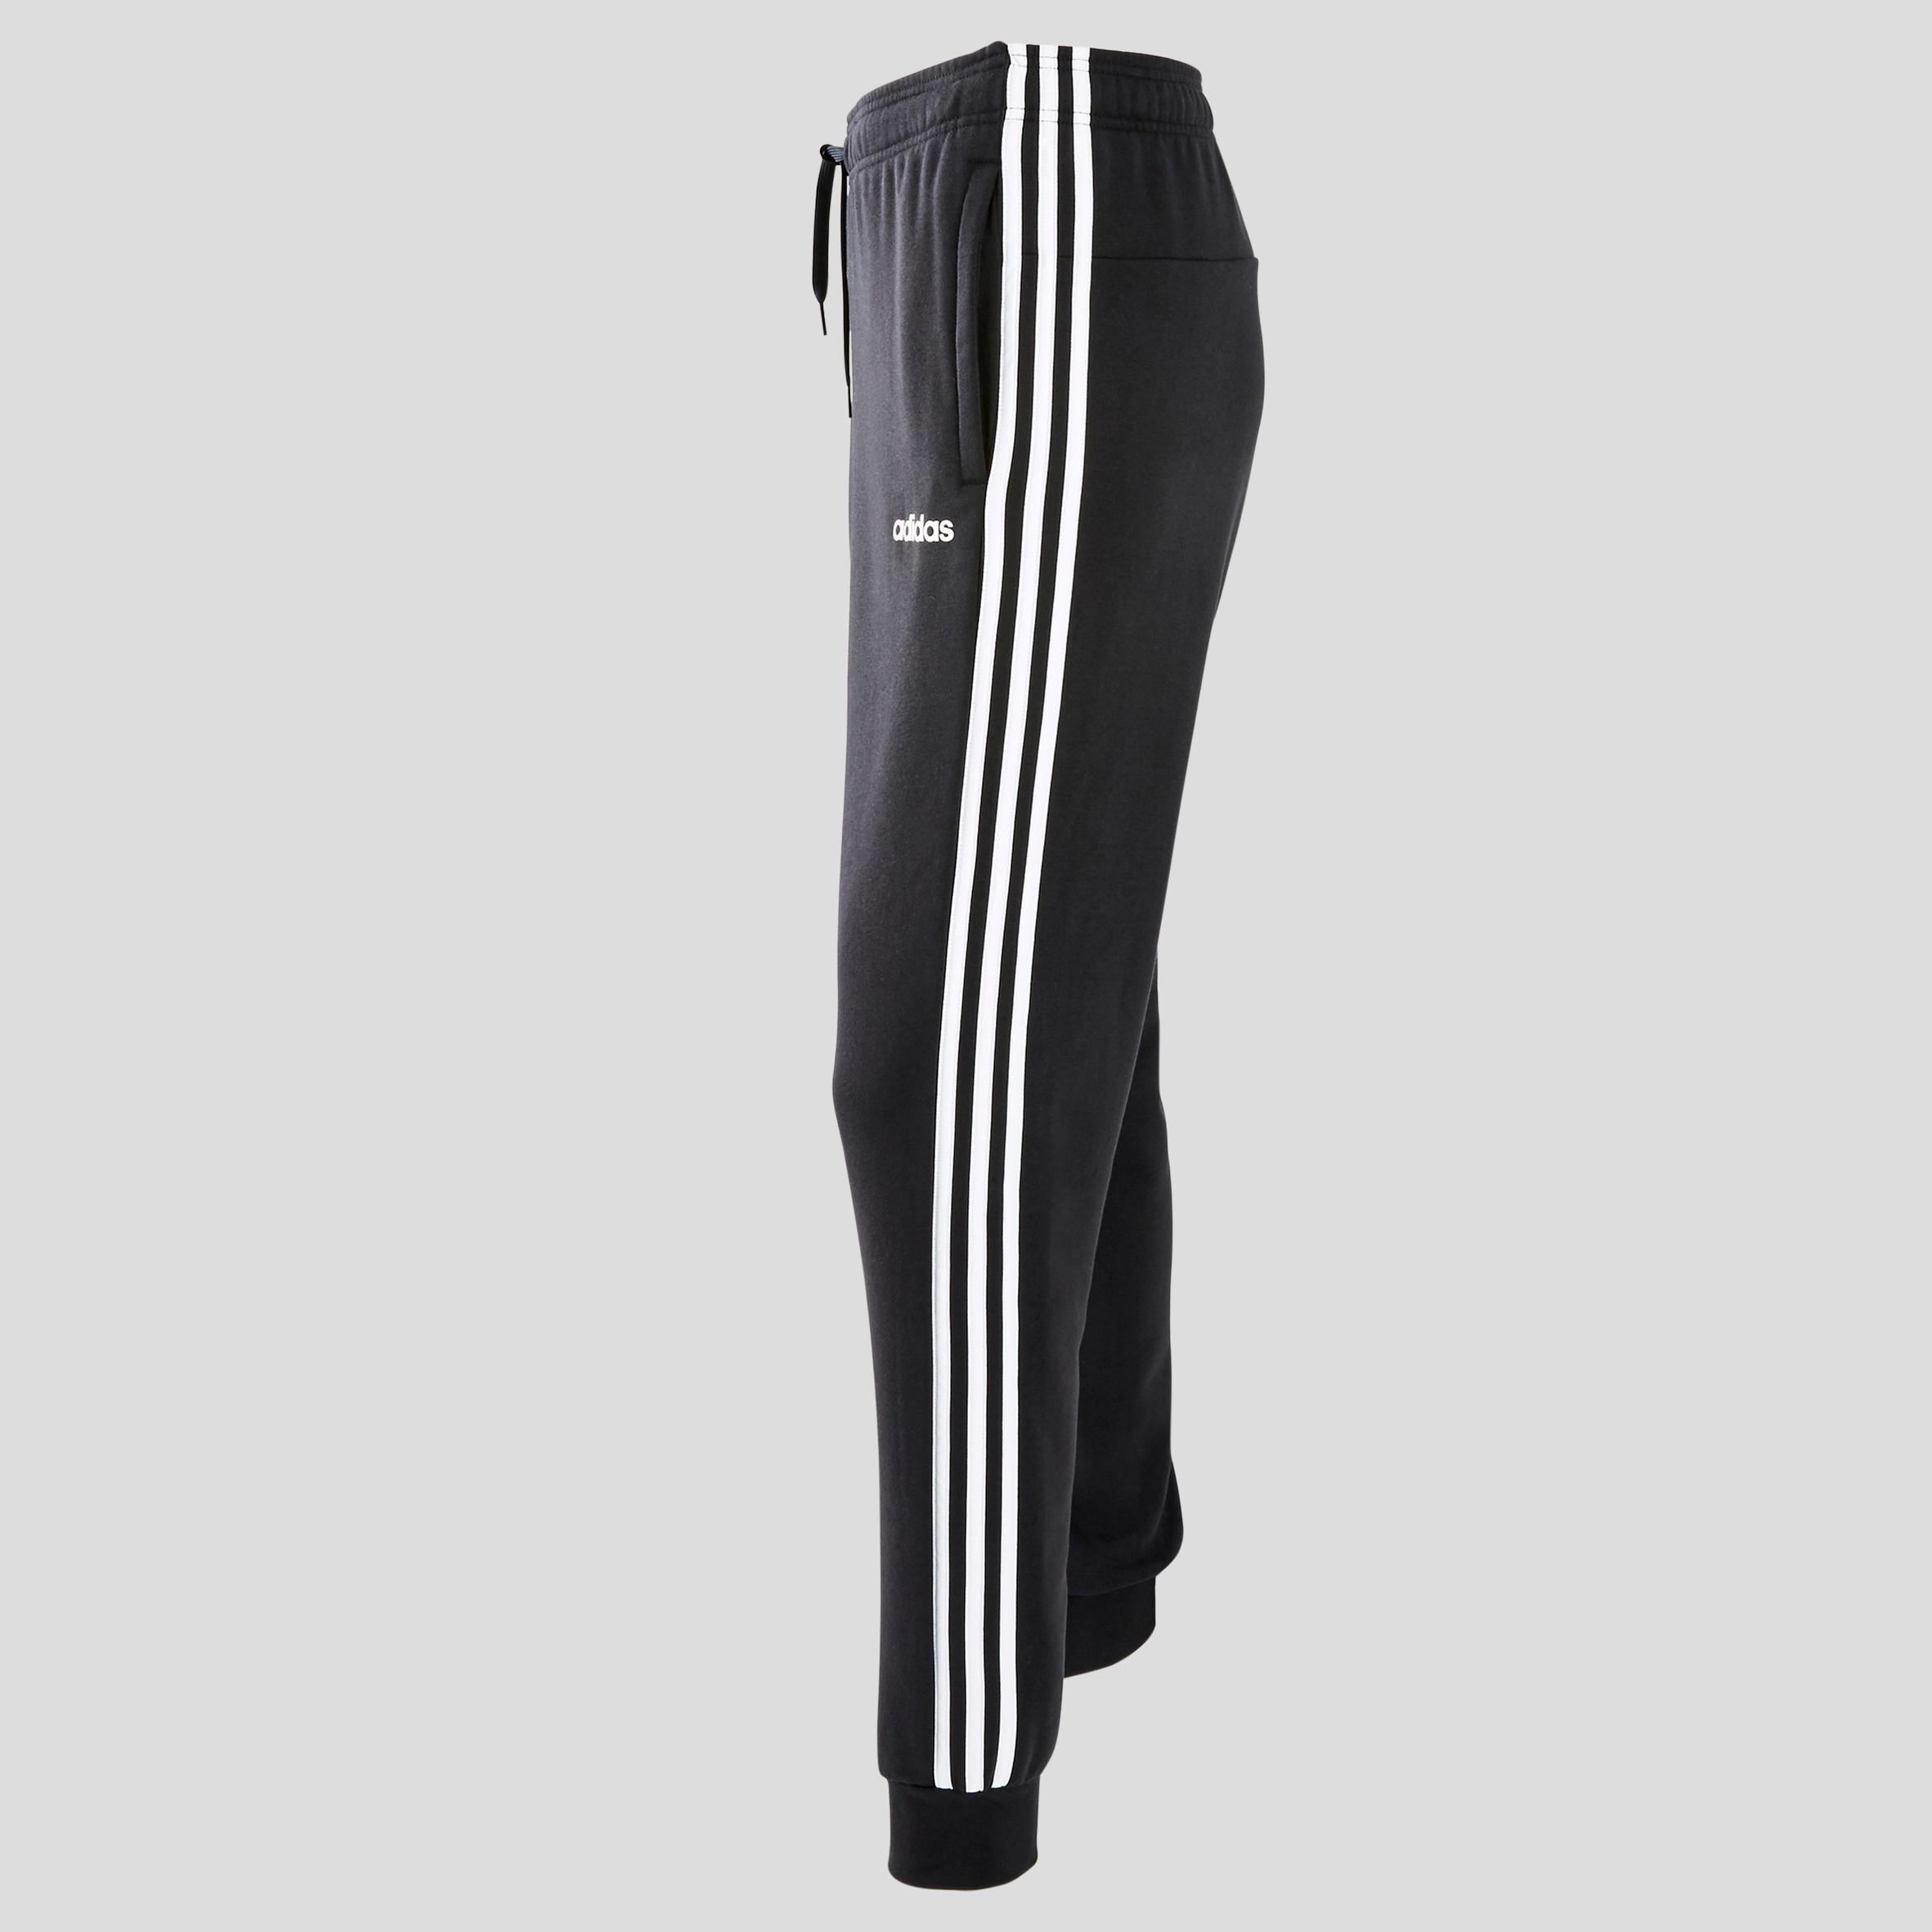 Pantalones De Gimnasia Adidas Mujer 7a46a8